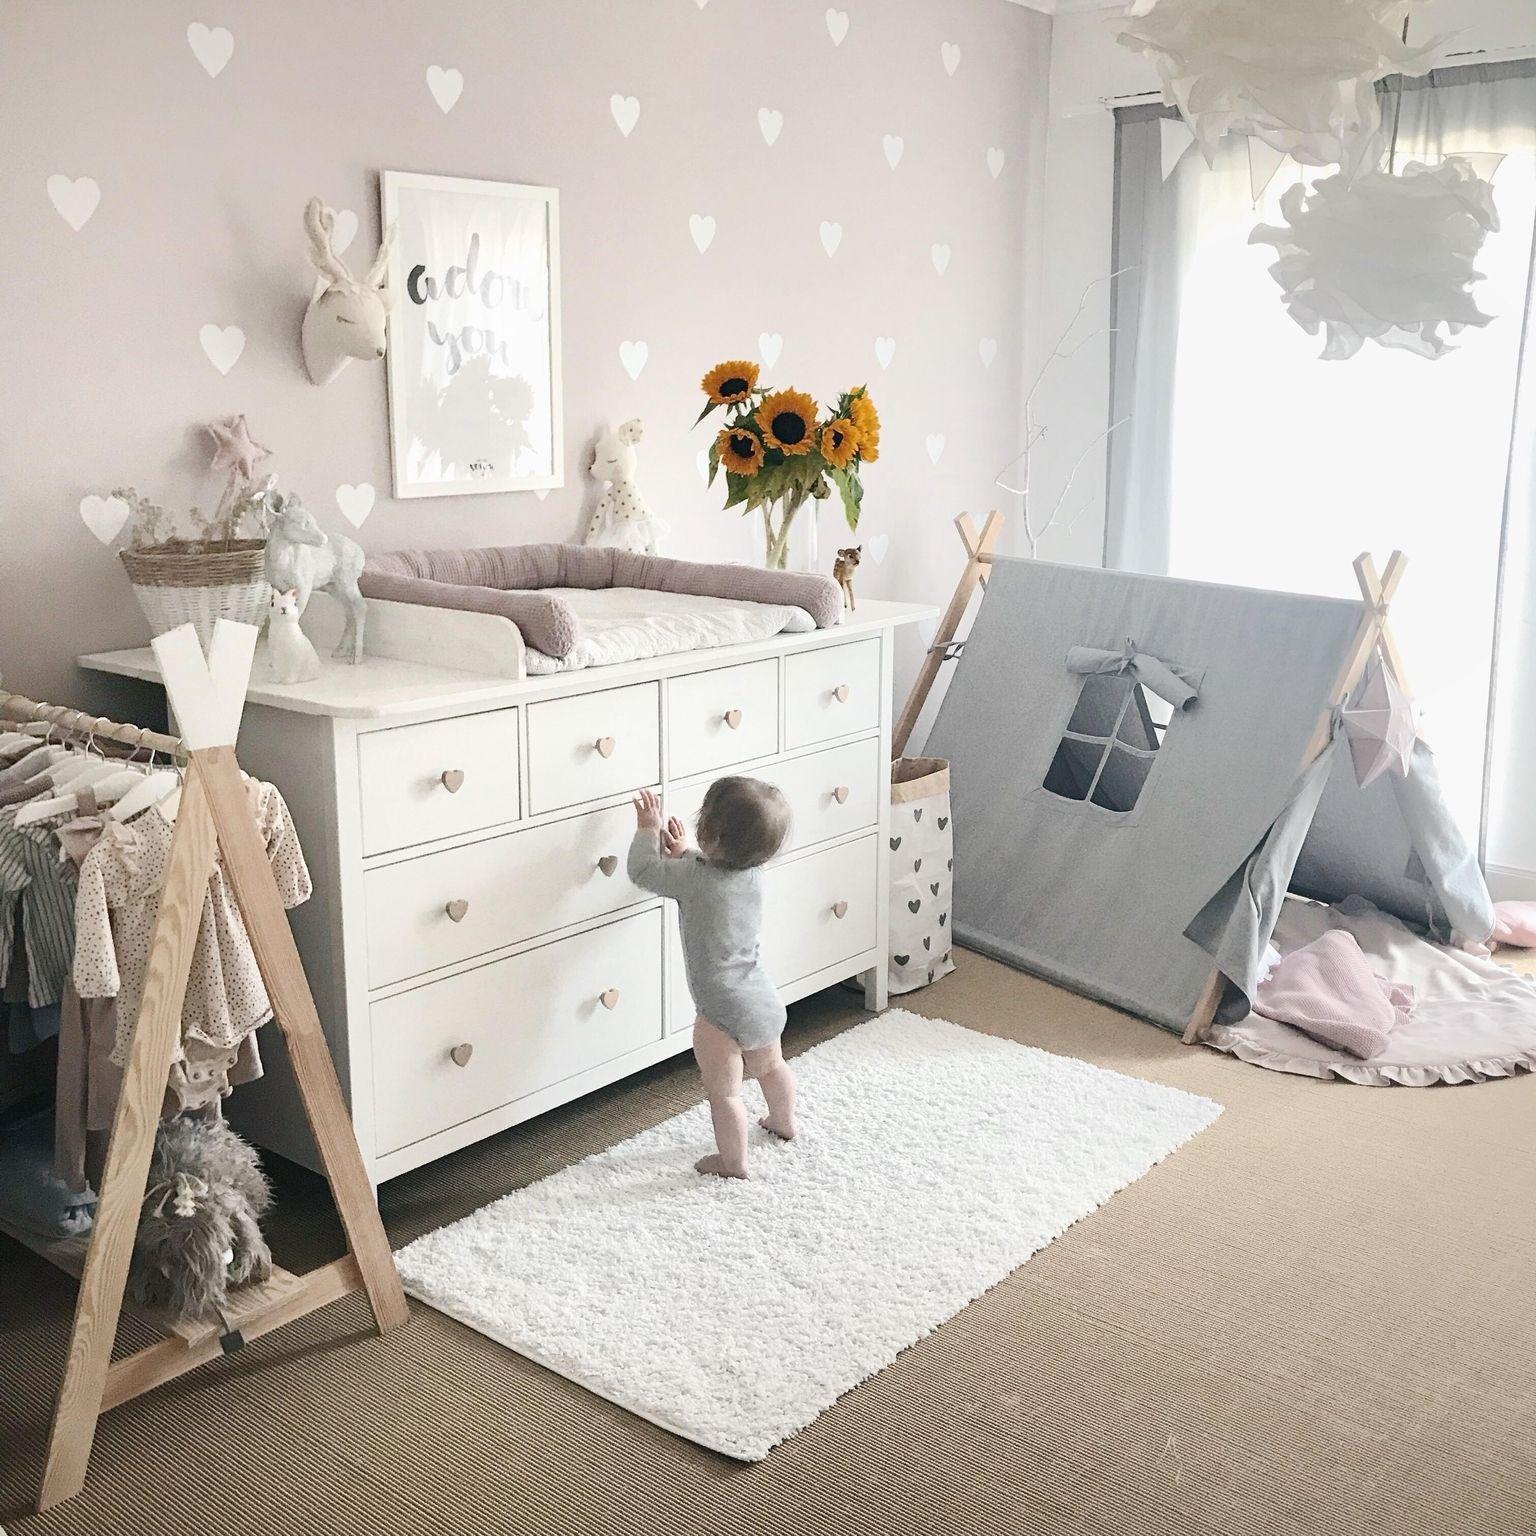 Mein Baby Wird Gross Babyzimmer Kinderzimmer Wic Kinder